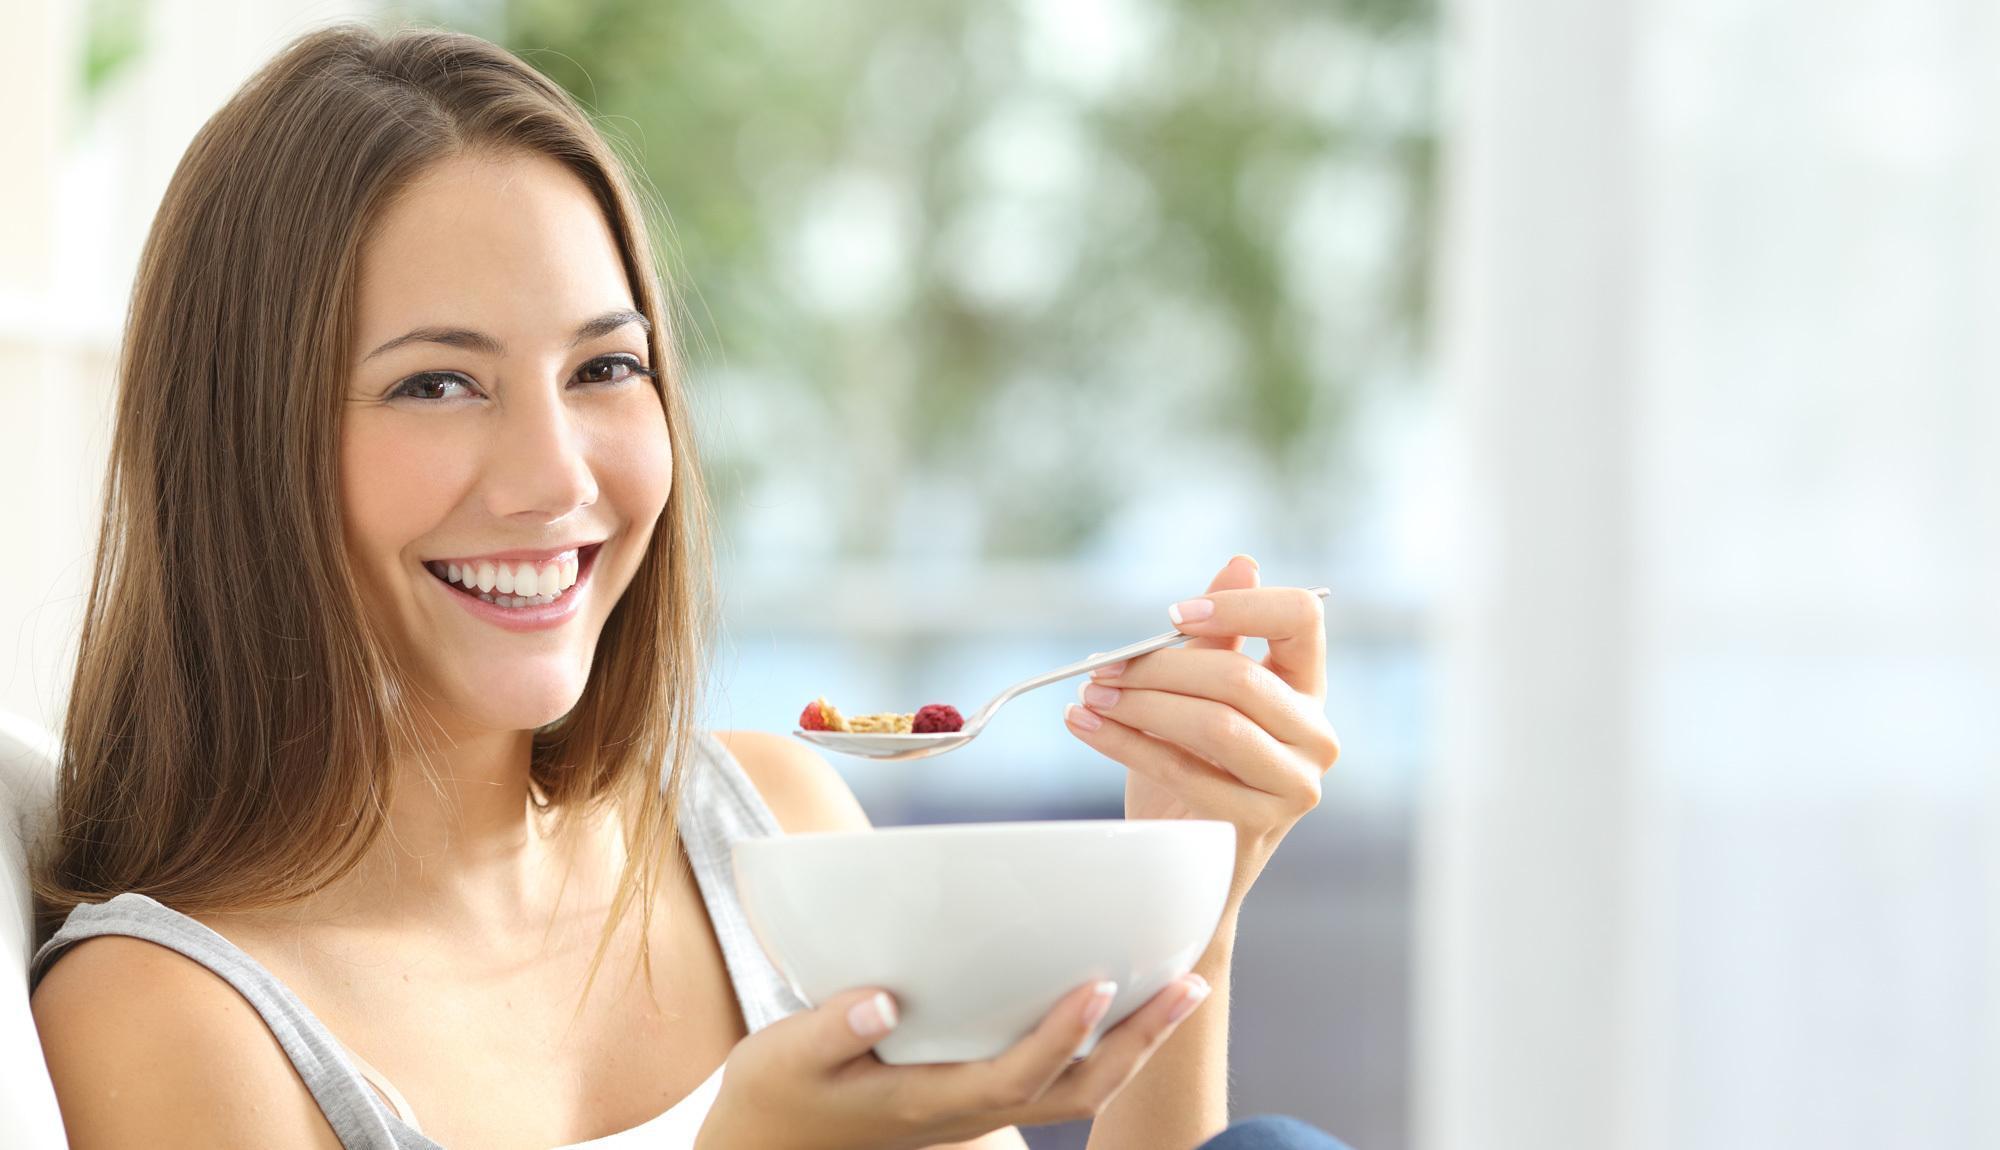 Dieta Para Ganhar Peso de Forma Saudável